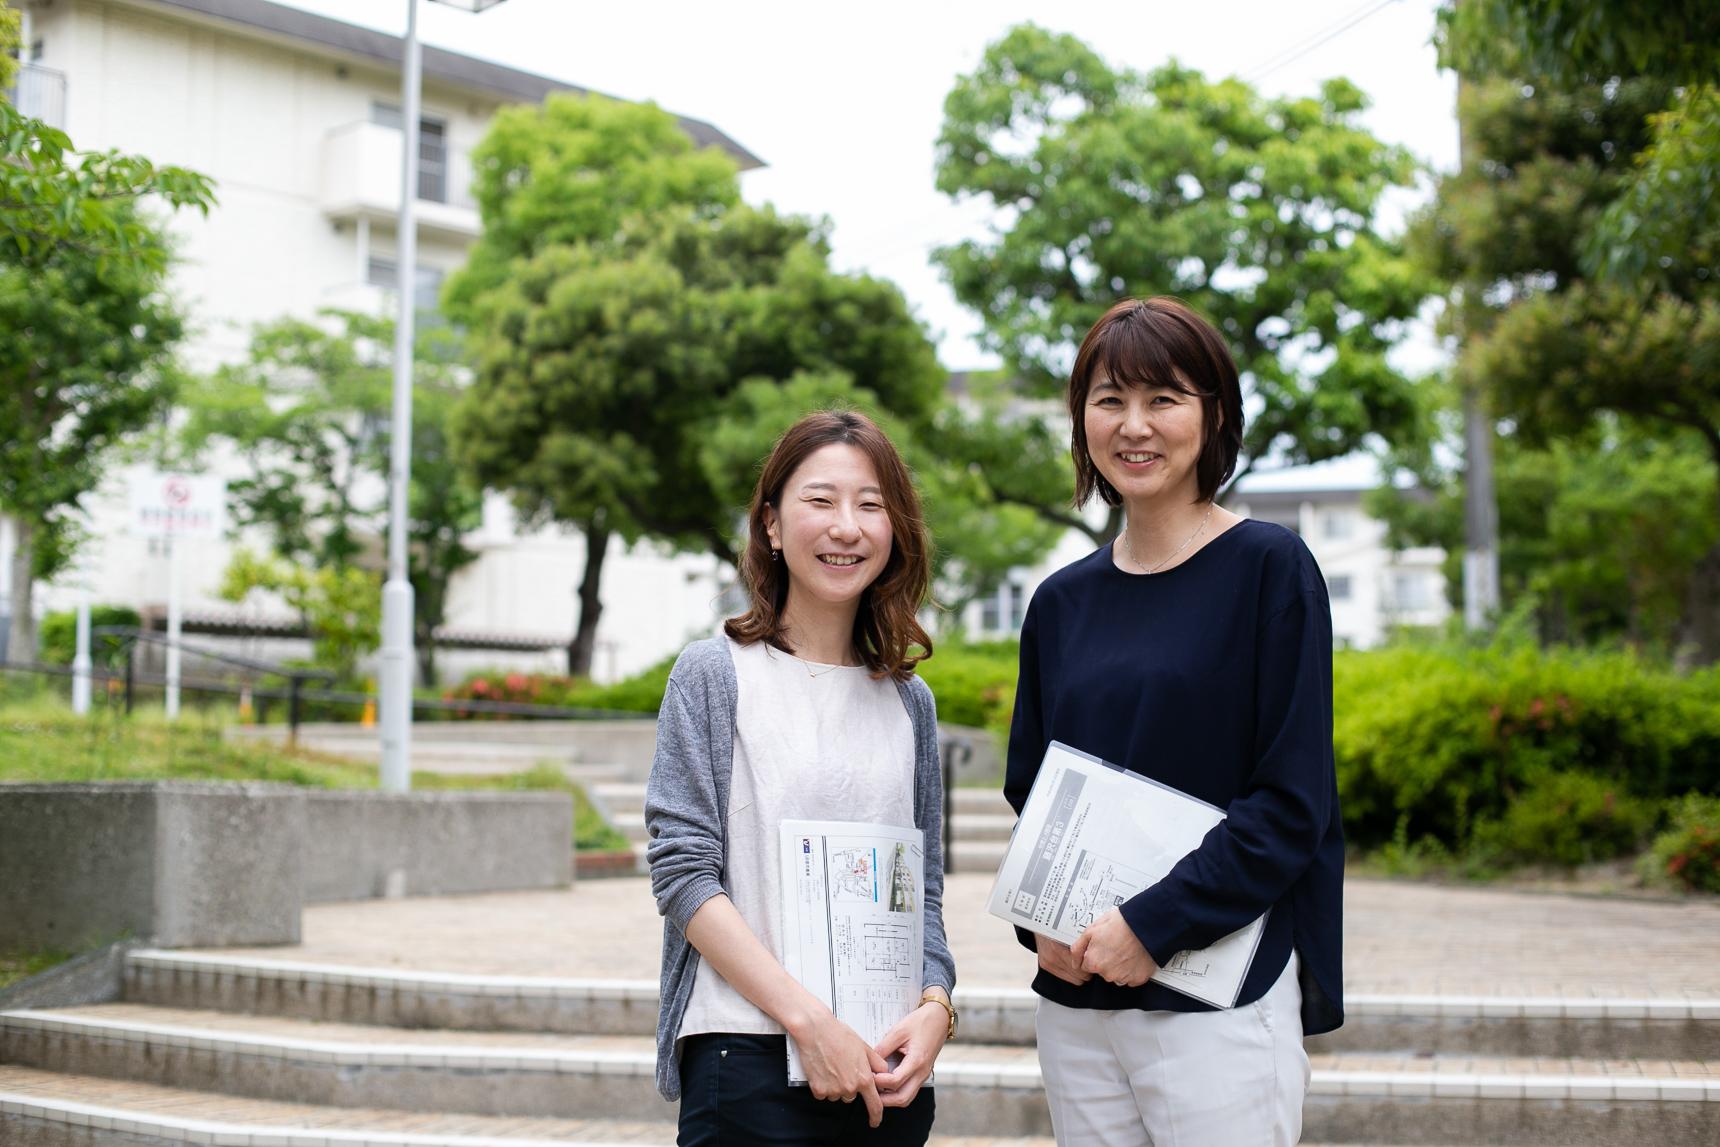 ご案内いただいたのは、UR都市機構の杉田恵子さん(写真右)と松尾知佳さん(写真左)